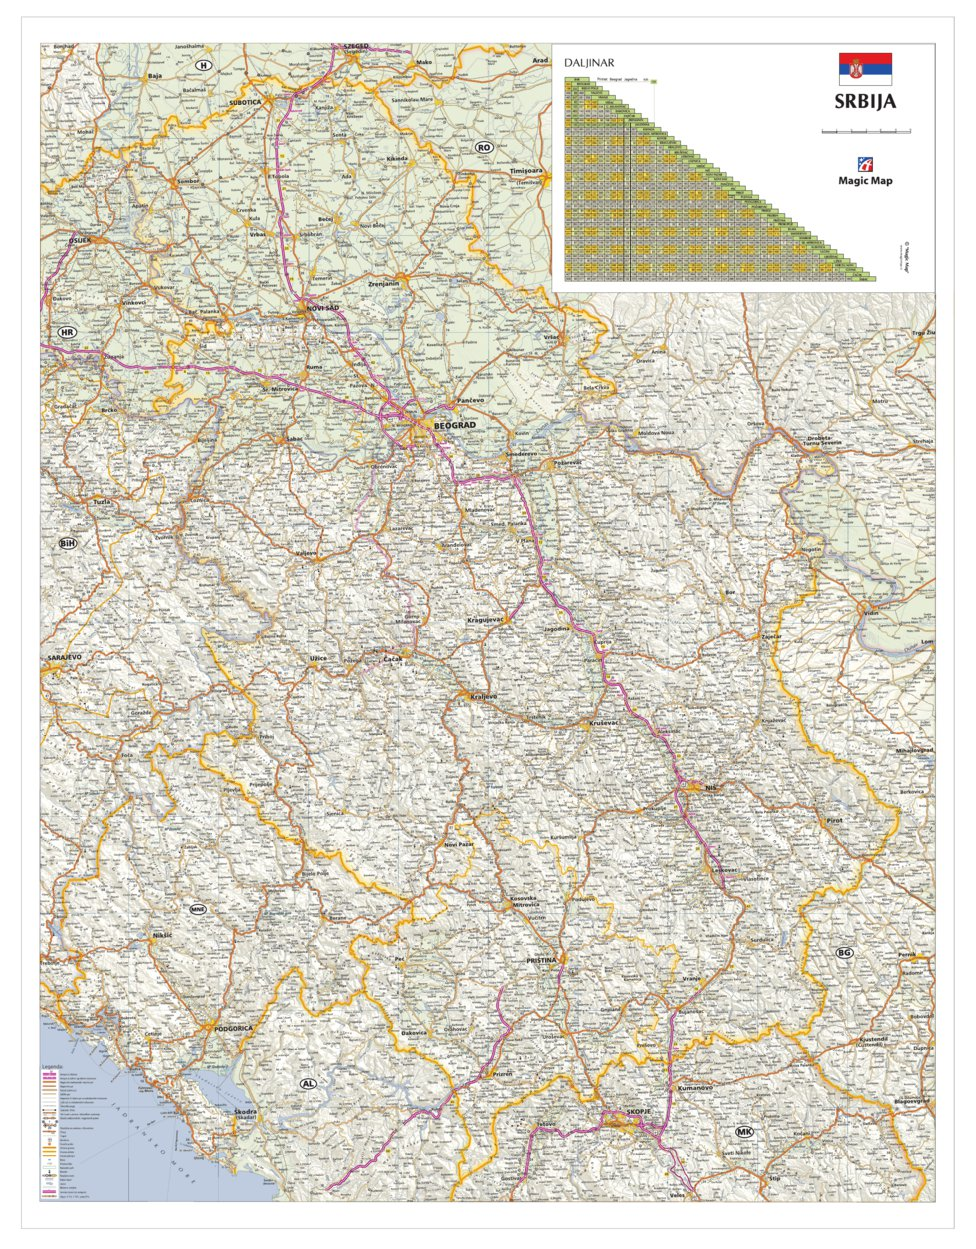 auto karta srbije daljinomer Srbija auto karta   Geoforma FZE   Avenza Maps auto karta srbije daljinomer